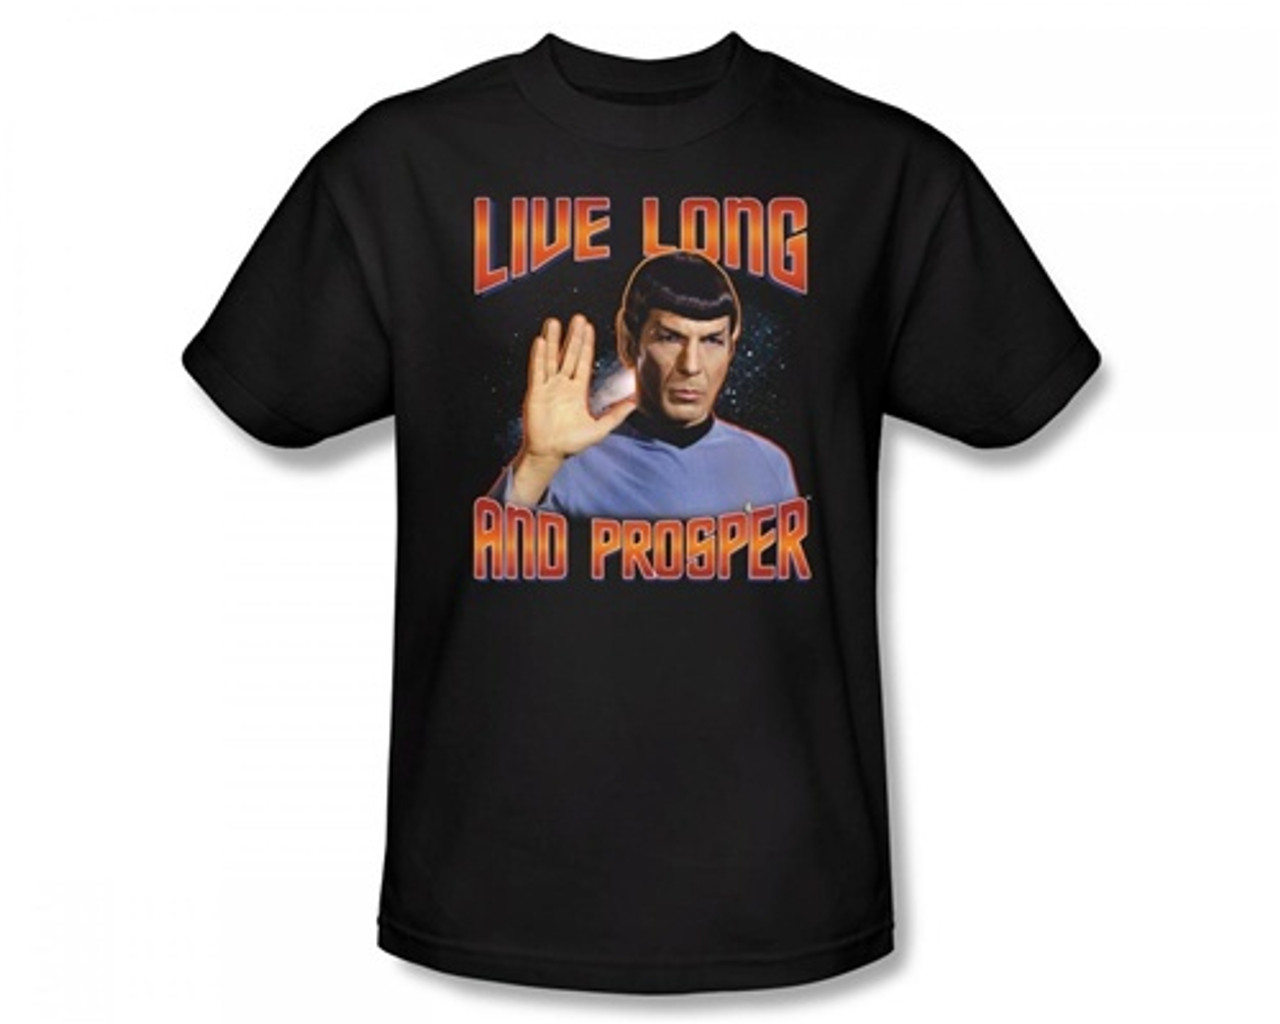 Live Long And Prosper TShirt Unisex Mens Star Trek Spock Captain Kirk Startrek